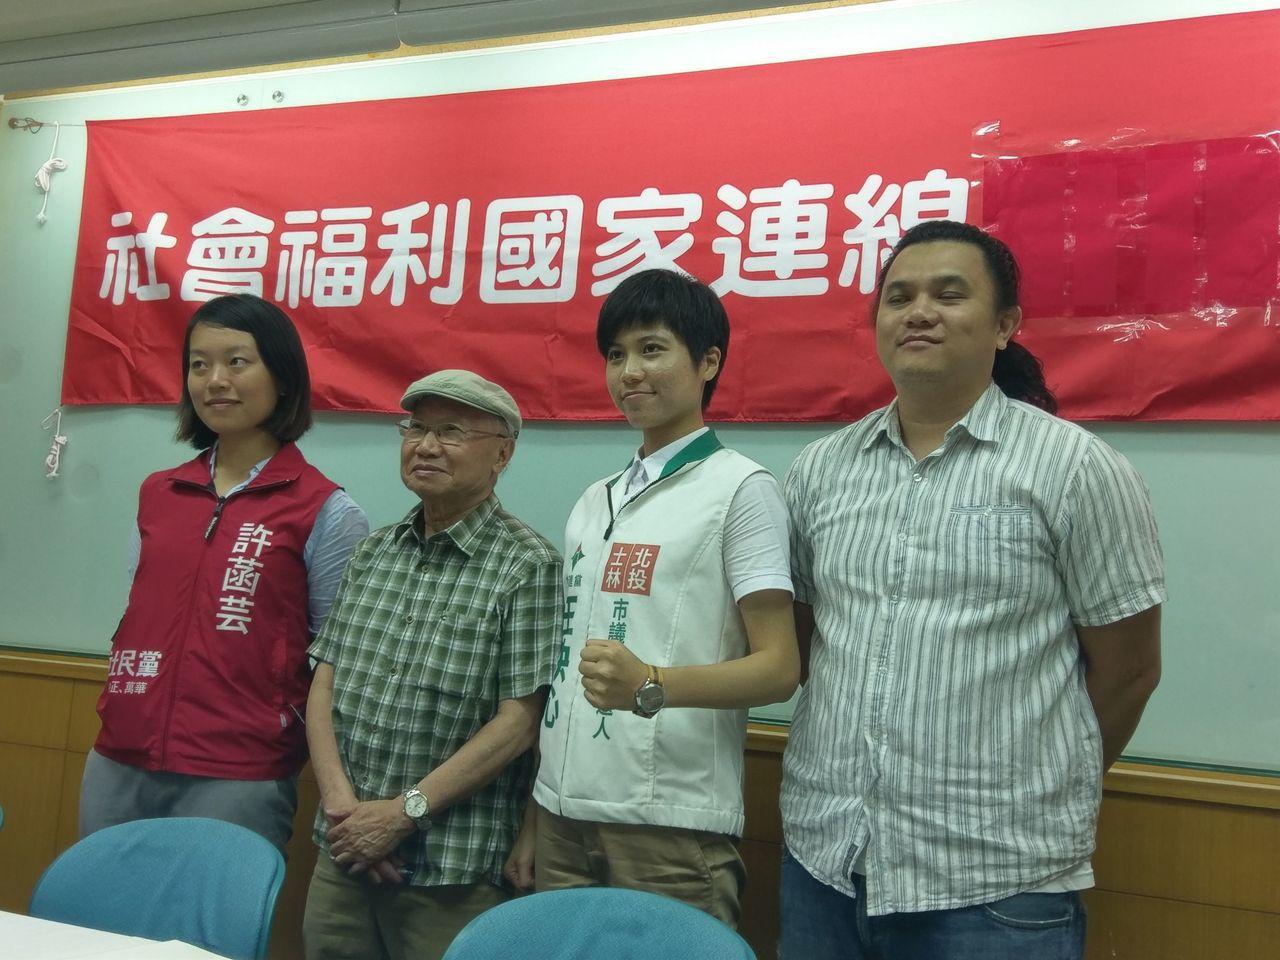 社會福利國家連線在社民黨、基進黨、綠黨於6月19日宣布成立。記者劉宛琳/攝影